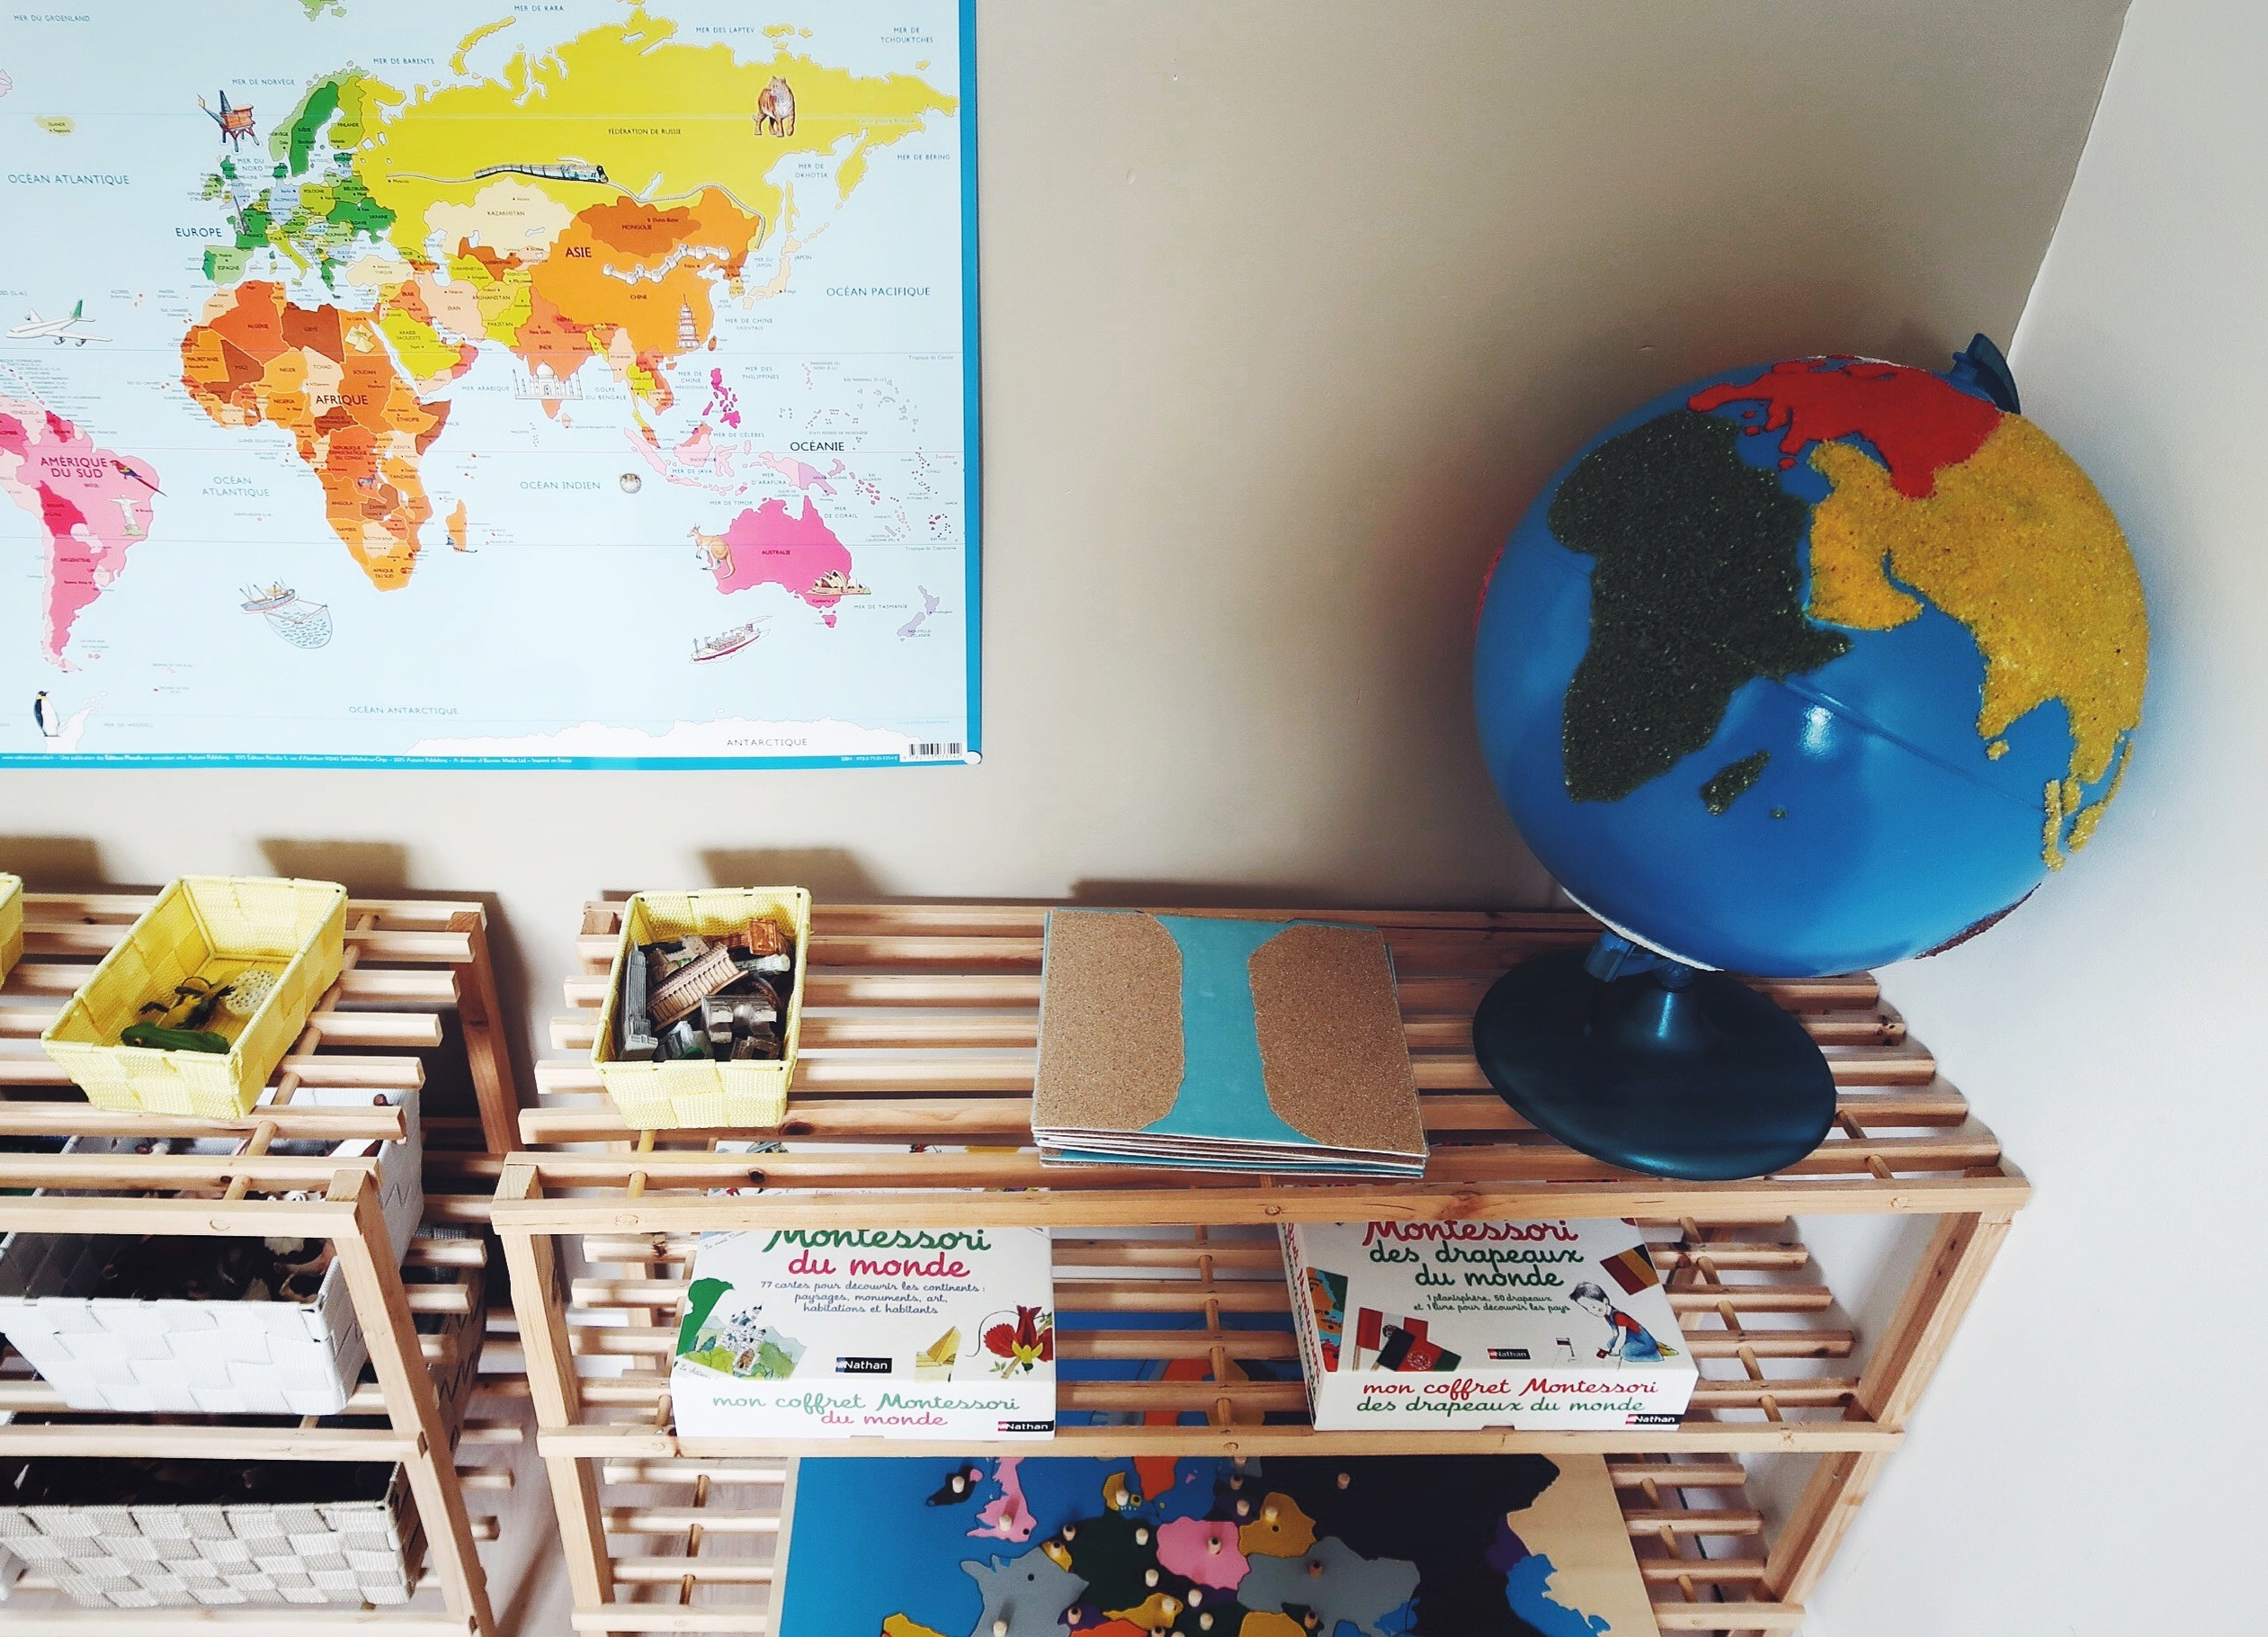 Notre matériel Montessori de géographie